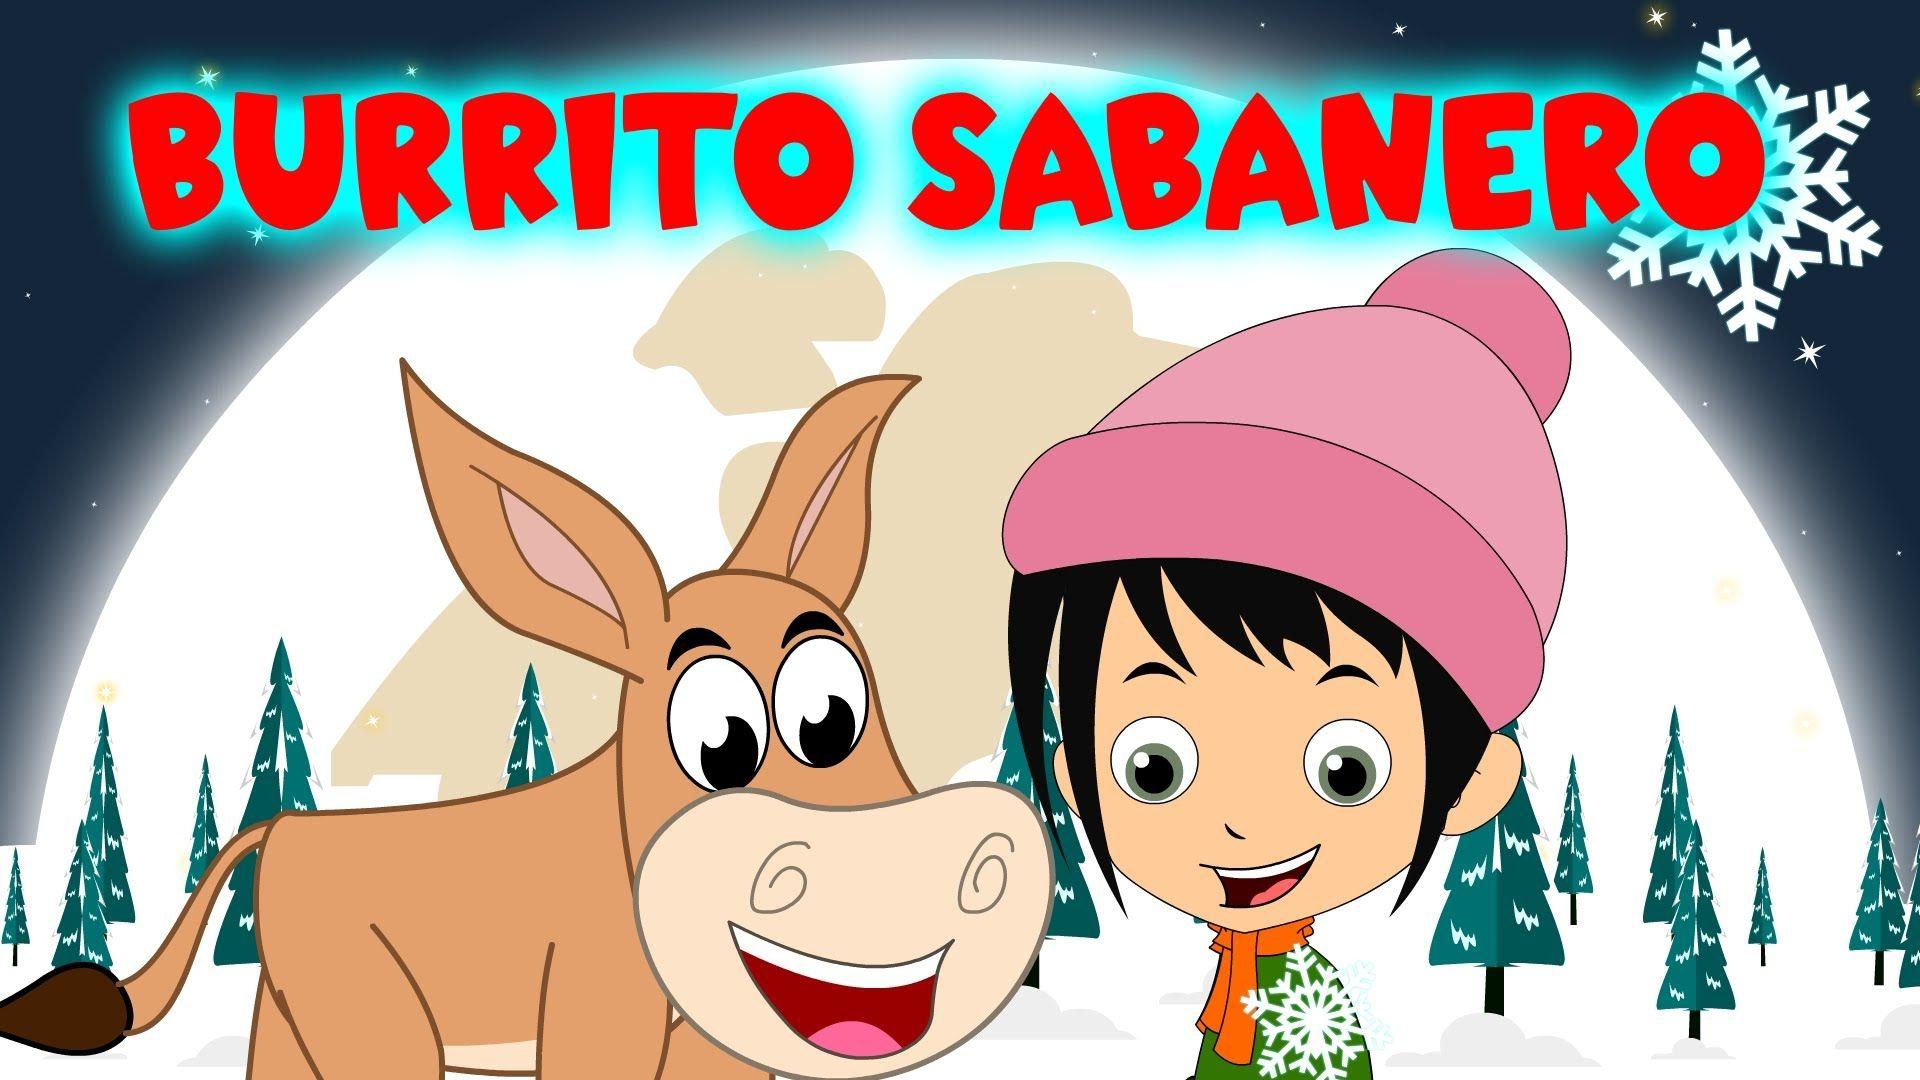 Mi Burrito Sabanero Canciones Navideñas Villancicos En Español Can Canciones Infantiles Villancico Villancicos Navideños